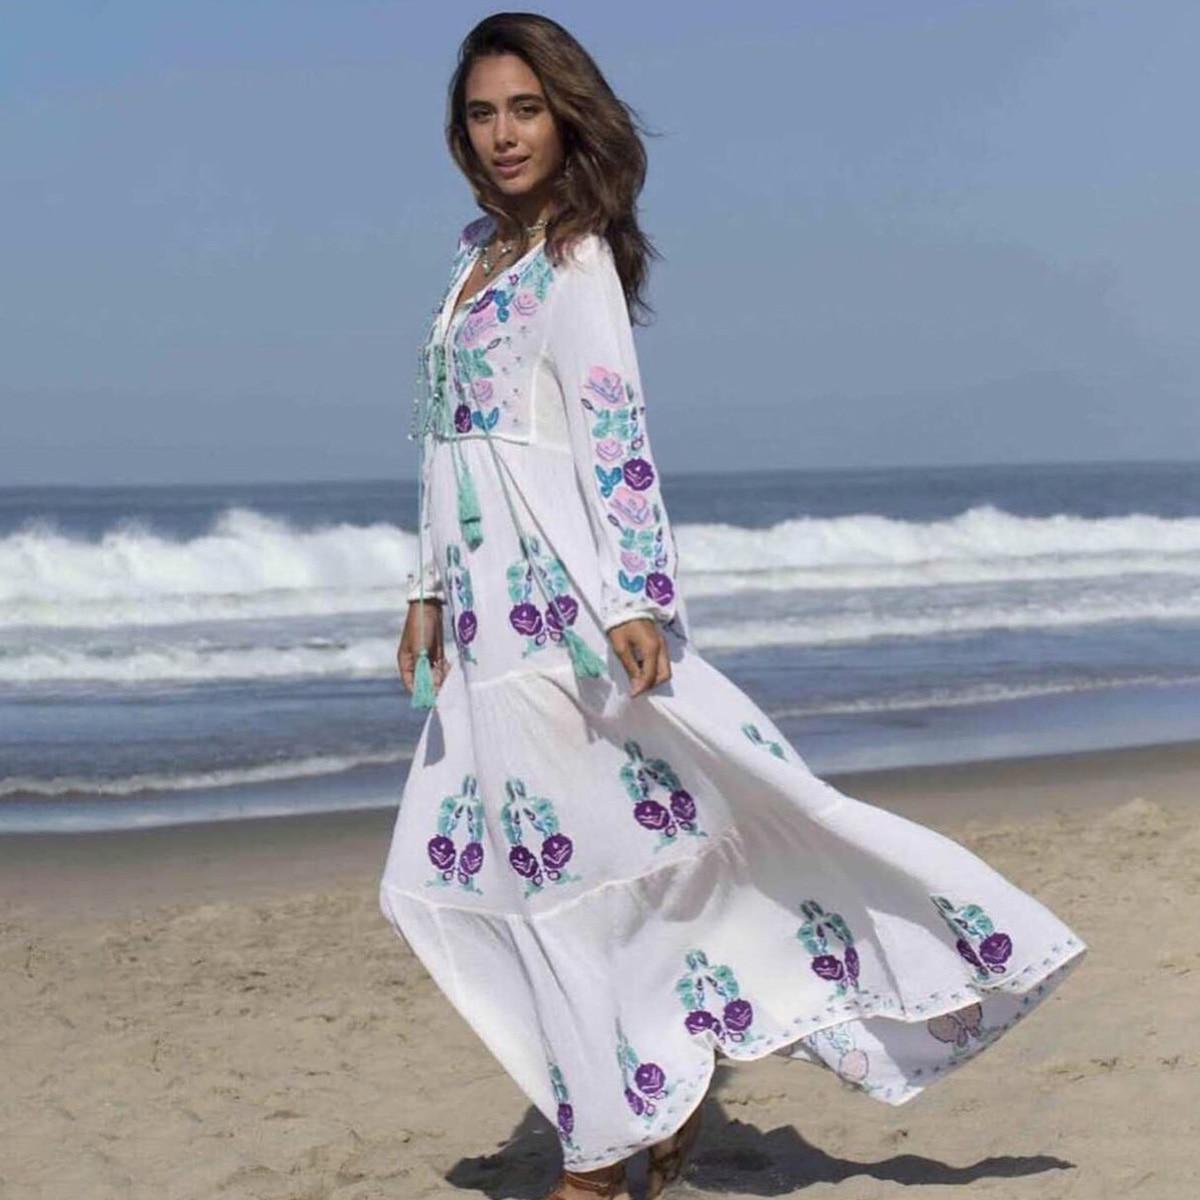 Naturel Lara brodé Maxi robe femmes 2019 été automne à manches longues col en V à lacets robe Boho Hippie plage blanc longue robe